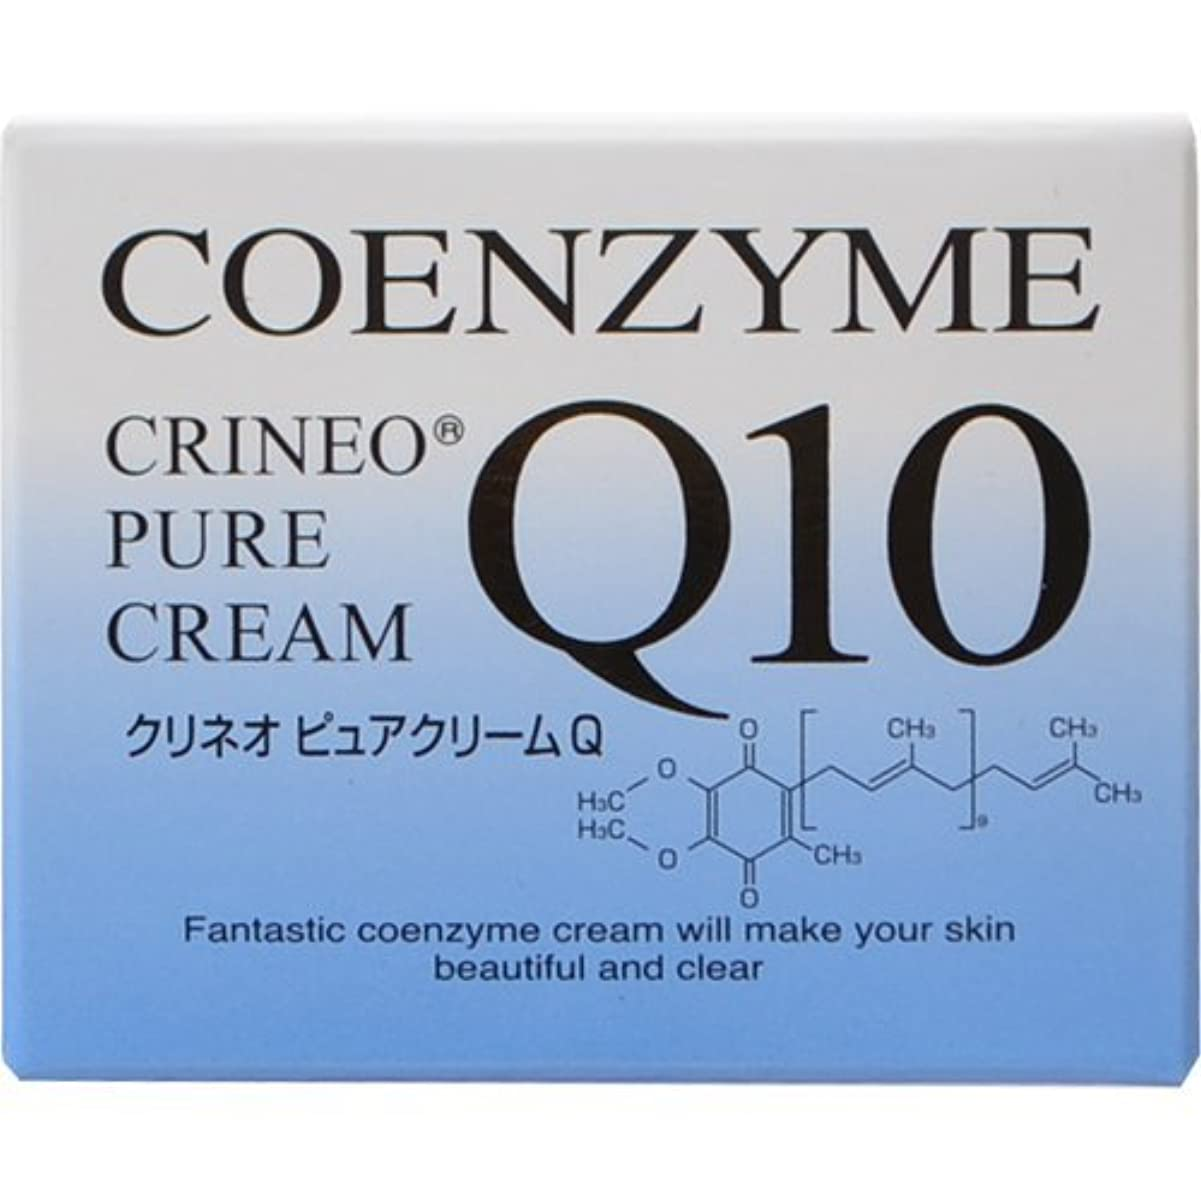 ボンド汚物報復クリネオ ピュアクリームQ コエンザイムQ10を配合した浸透型の保湿クリーム